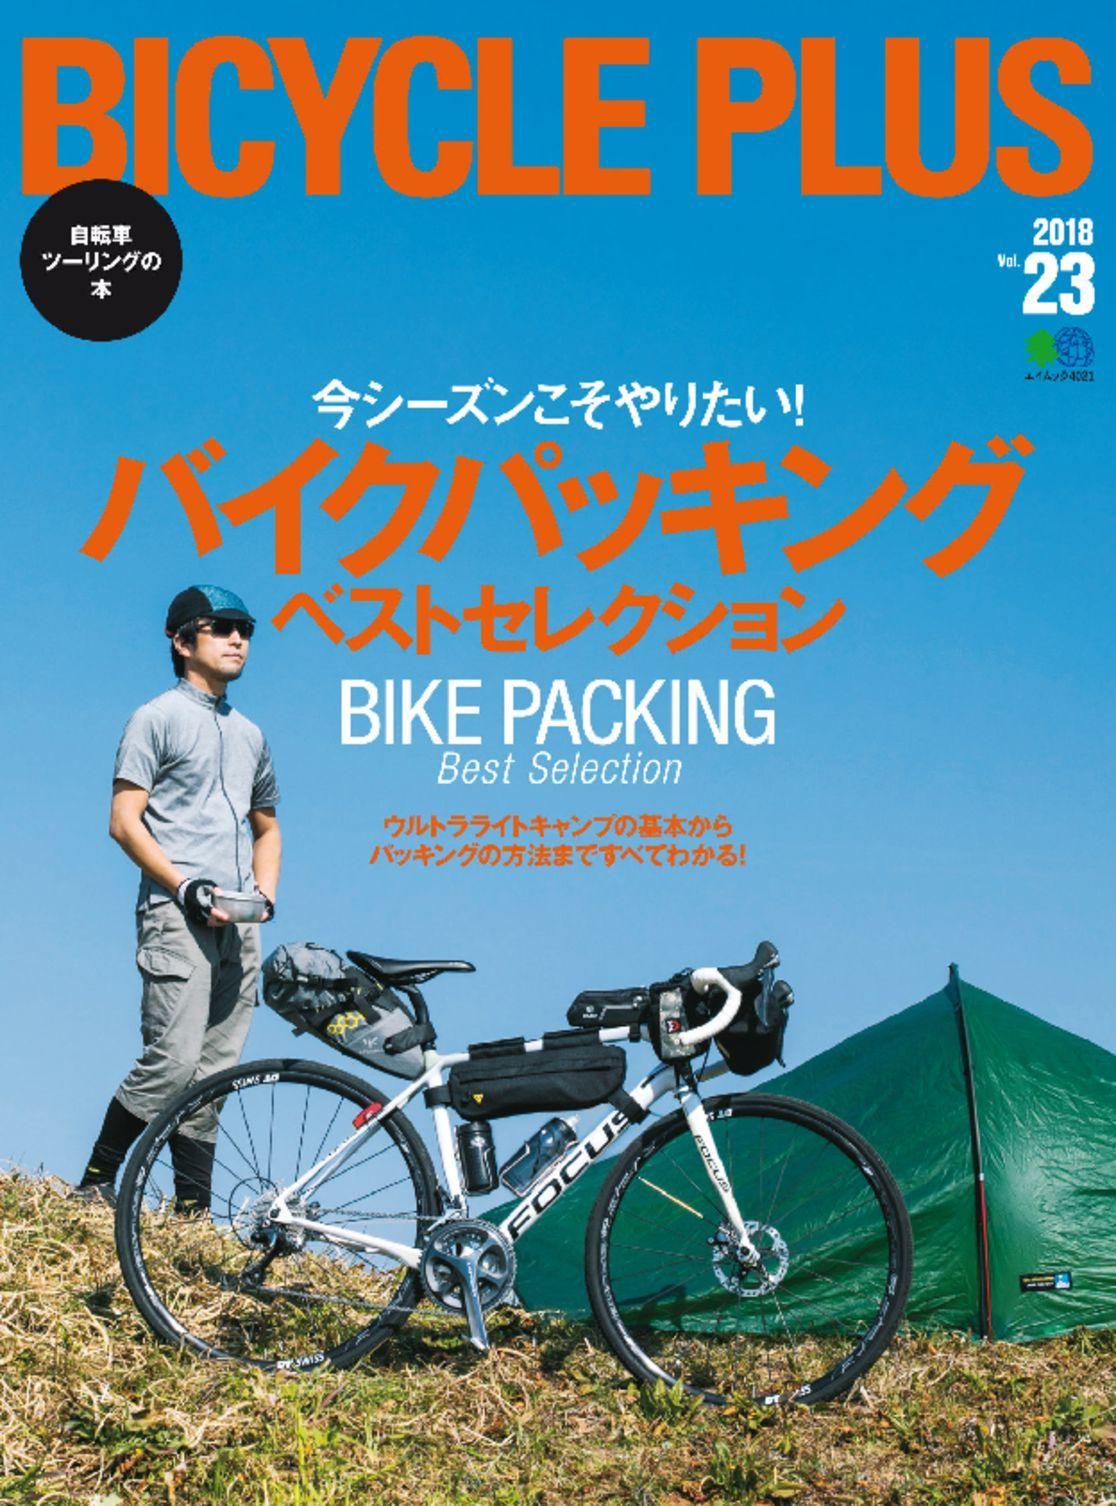 Bicycle Plus バイシクルプラス Digital